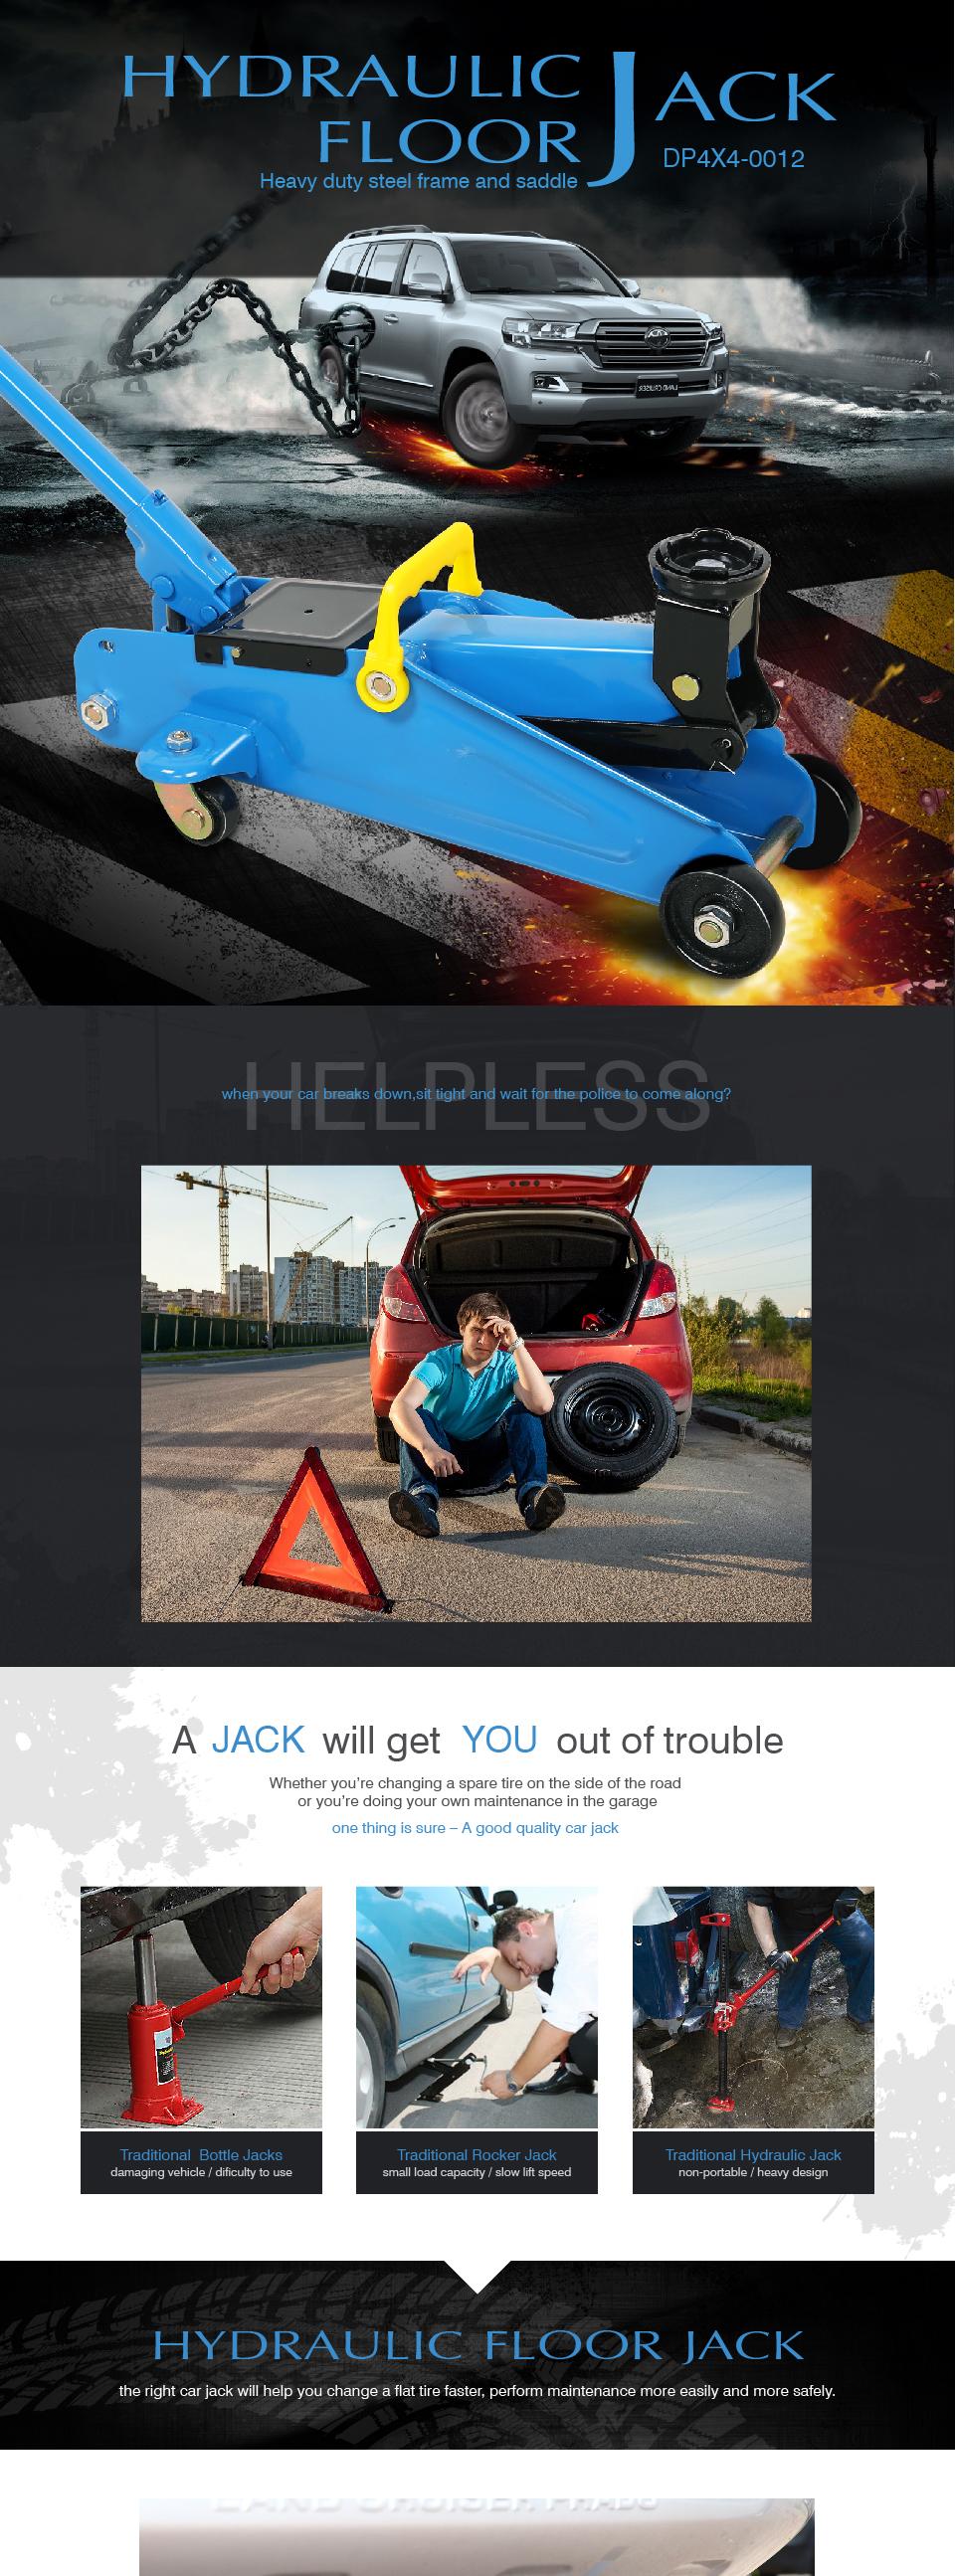 Design of bottle car jack - 1 3 2